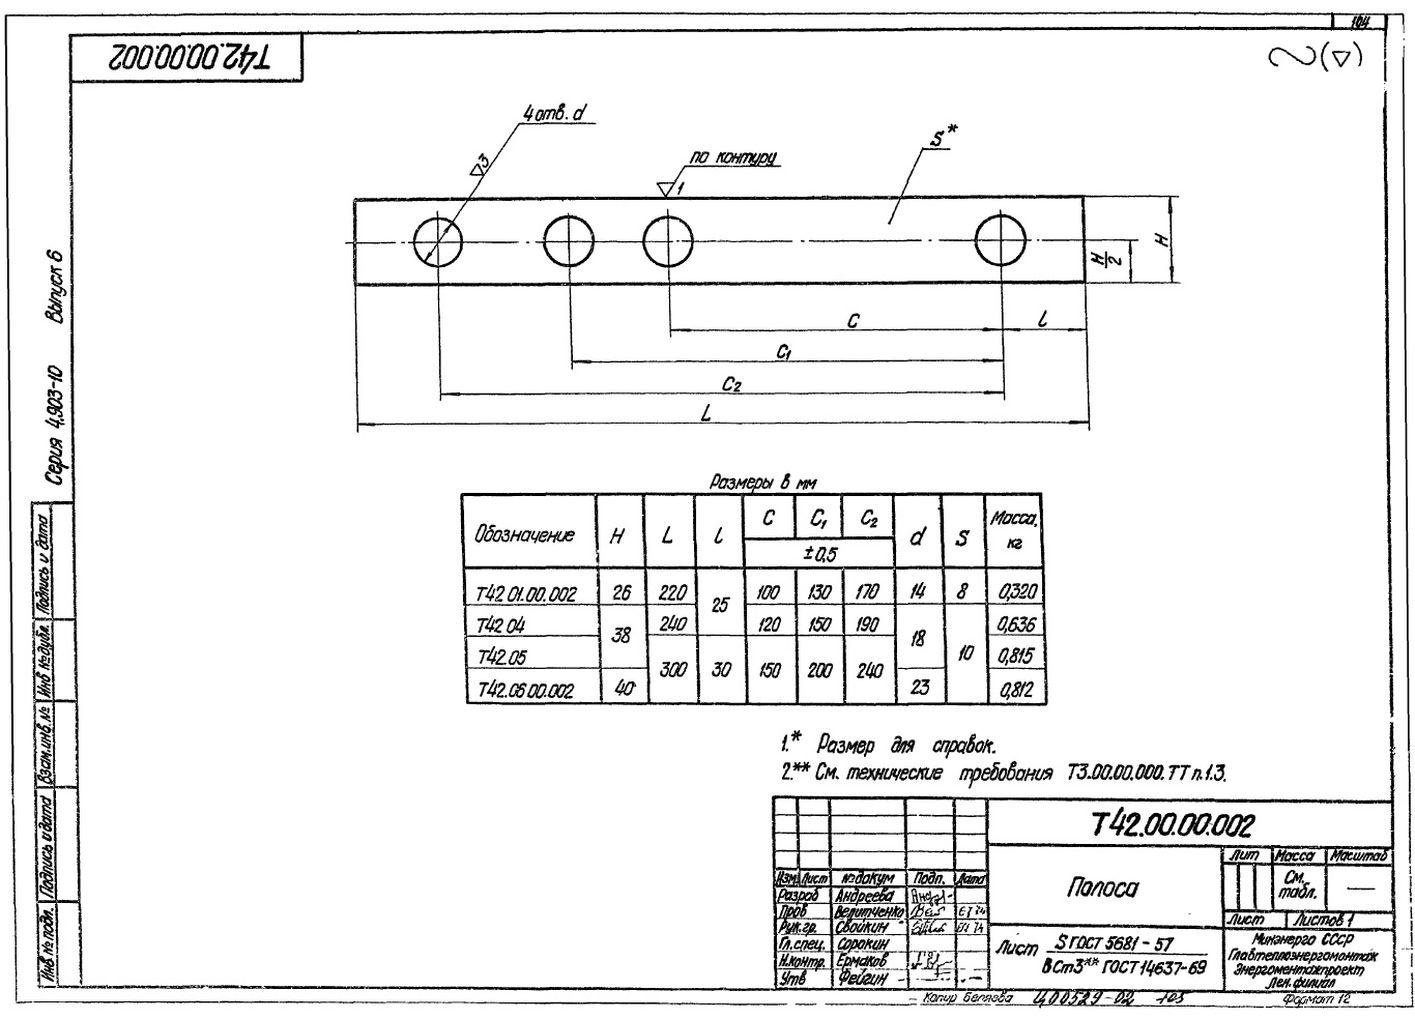 Разгружающее устройство для блоков пружин Т42.00.00.000 стр.5